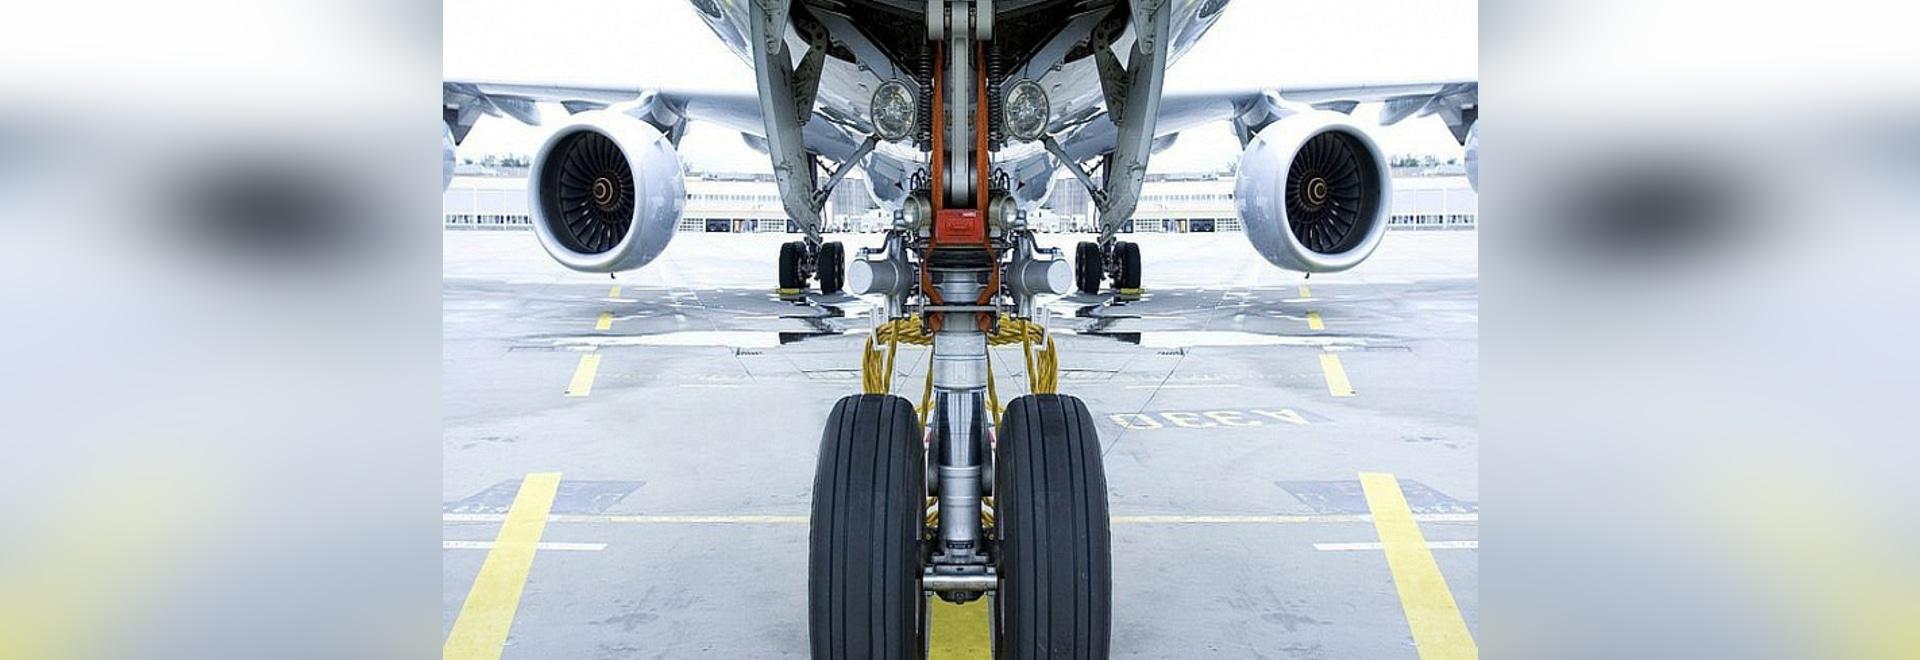 La «lubrification est l'élément vital de l'avion»